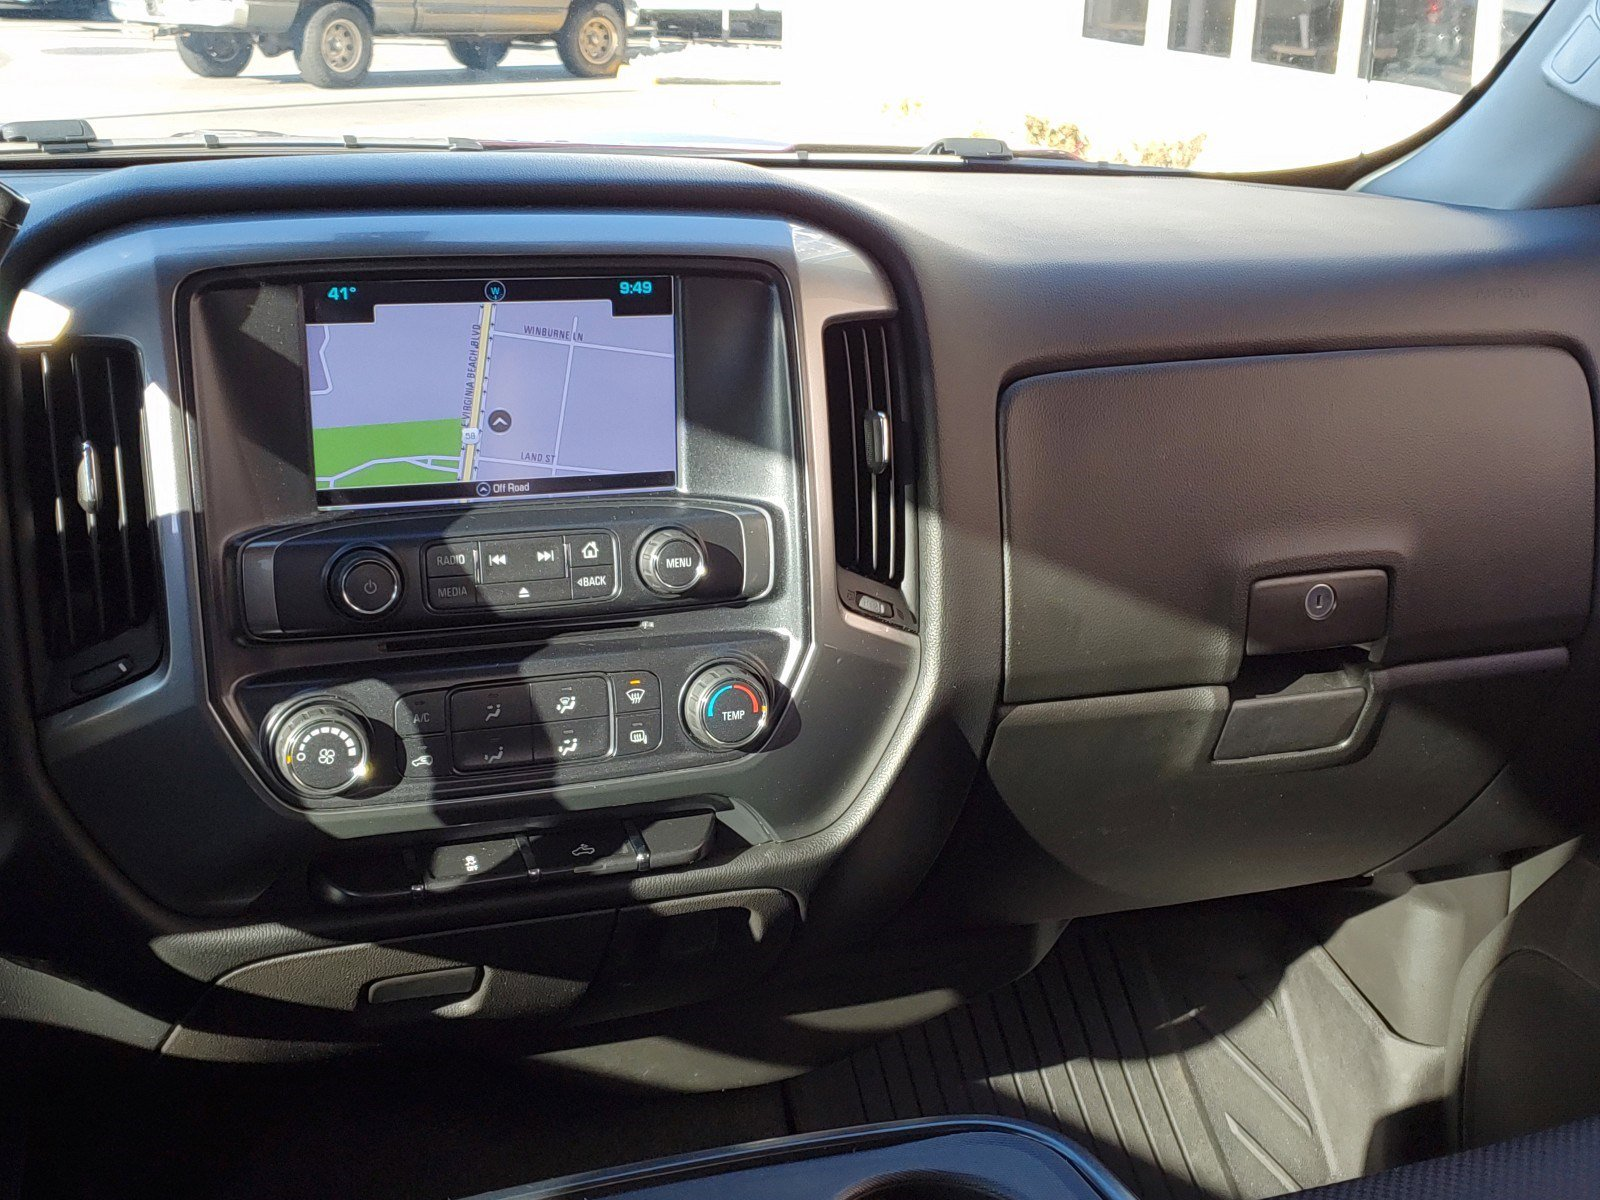 Pre-Owned 2017 Chevrolet Silverado 1500 LT